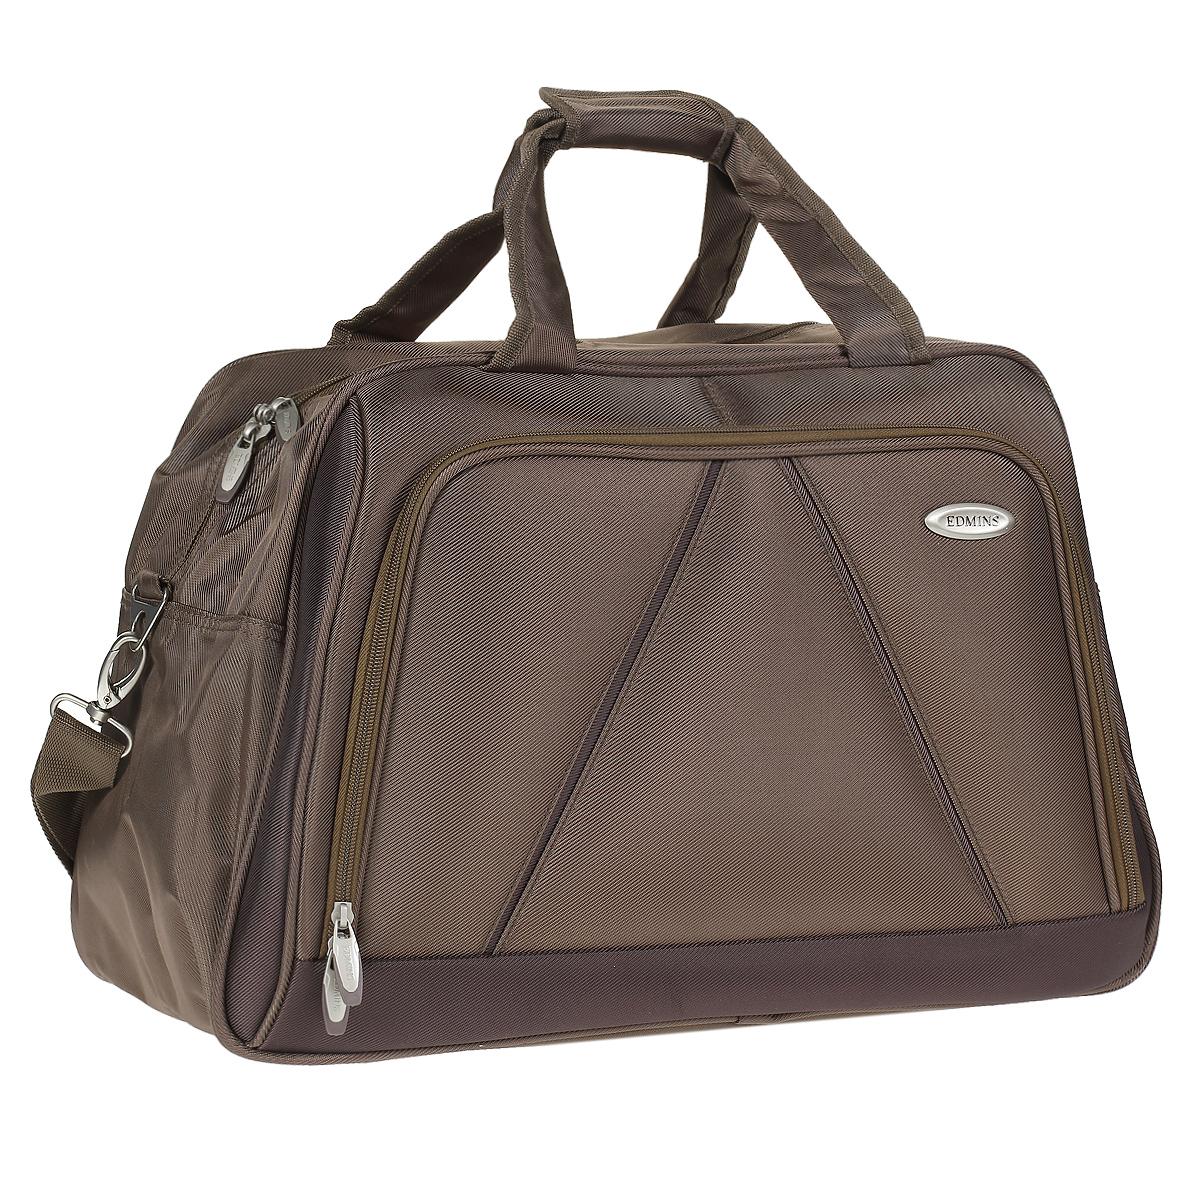 Сумка дорожная Edmins, цвет: бронза. 243 CV243 CV 420*5Стильная дорожная сумка Edmins выполнена из плотного полиэстера бронзового цвета. Сумка имеет одно вместительное отделение, закрывающееся на застежку-молнию. Сумка снабжена механическим замком с двумя ключами. Внутри содержится вшитый карман на молнии и перегородка. На лицевой стороне расположен накладной карман на молнии. На задней стенке - карман для мелочей на липучке.Сумка оснащена двумя удобными ручками и отстегивающимся плечевым ремнем регулируемой длины. На дне - пластиковые ножки. Фурнитура - серебристого цвета.Функциональная и вместительная, такая сумка поможет не только уместить все необходимые вещи, но и станет модным аксессуаром, который идеально дополнит ваш образ.Может использоваться в качестве ручной клади. Характеристики:Материал: полиэстер, металл, пластик.Размер сумки: 50 см х 30 см х 25 см.Цвет: бронза. Высота ручек: 20 см. Длина плечевого ремня (регулируется): 75 см. Максимальная нагрузка: 7 кг.